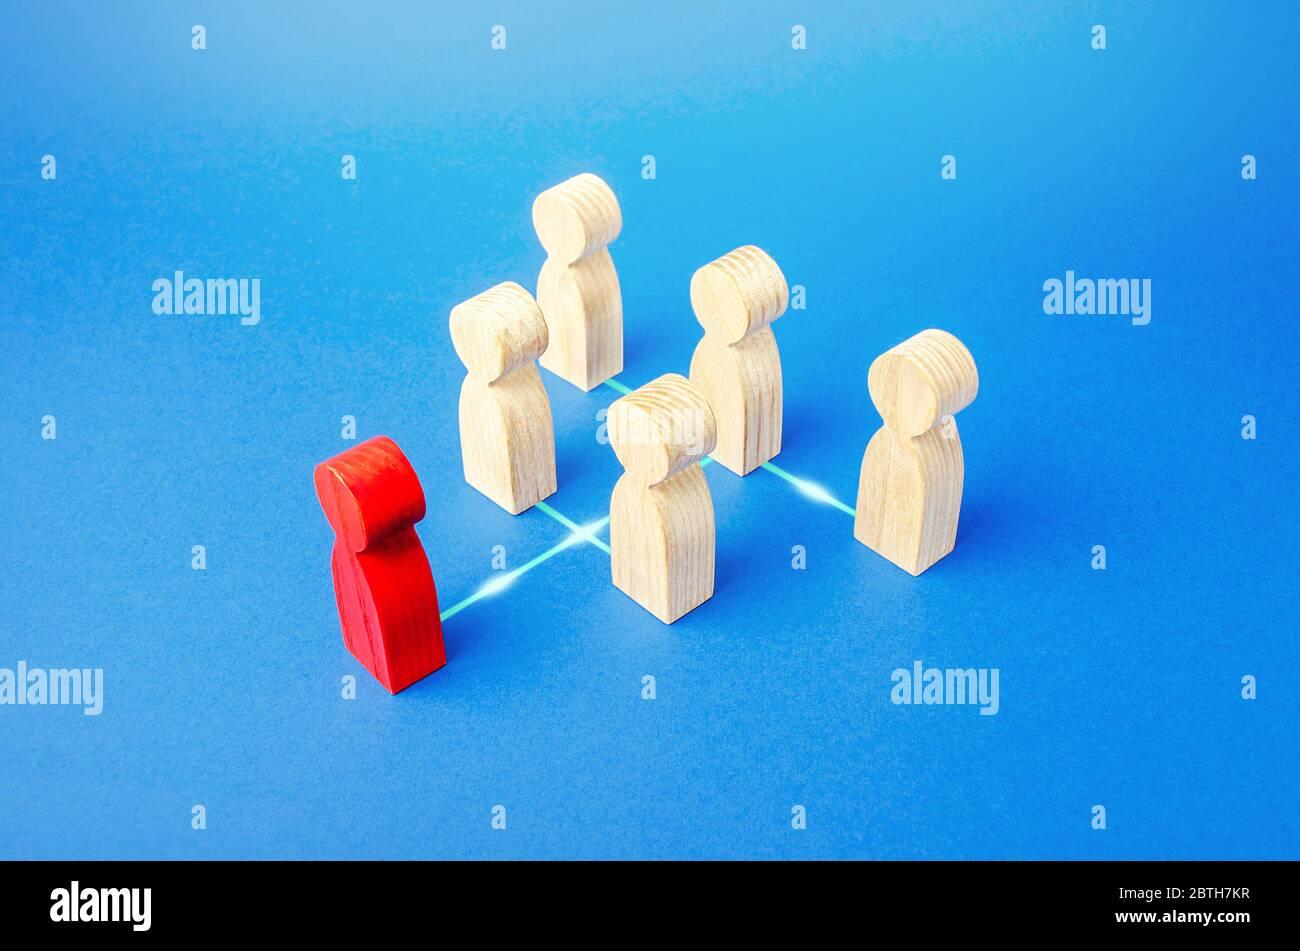 Las figuras de la gente están en un orden jerárquico del sistema. Potencia y gestión en la empresa. Control y distribución eficaces de la responsabilidad laboral Foto de stock